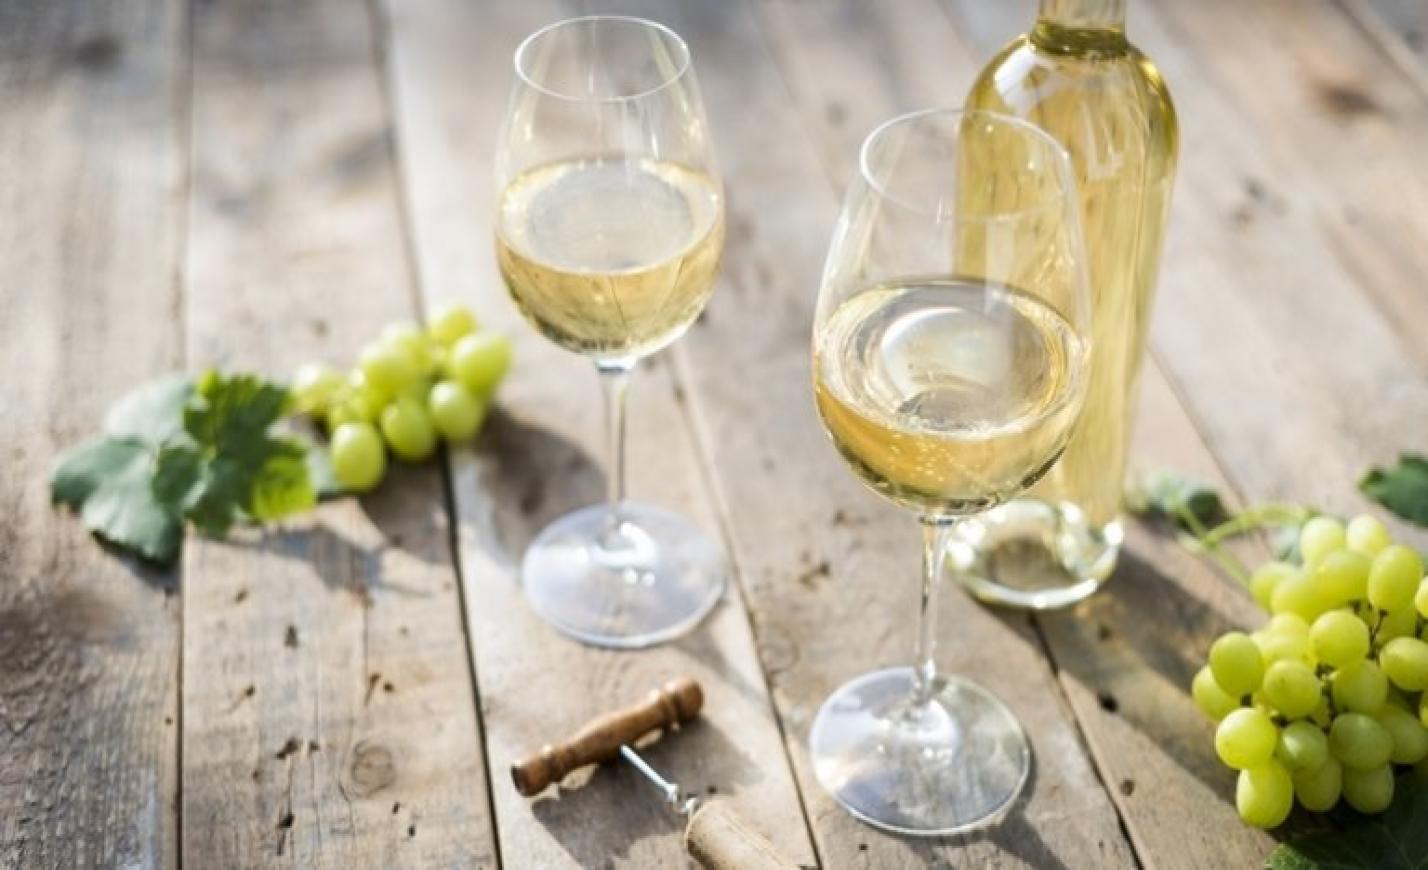 Taroltak a magyar borok Lengyelországban: ezek voltak a kedvencek